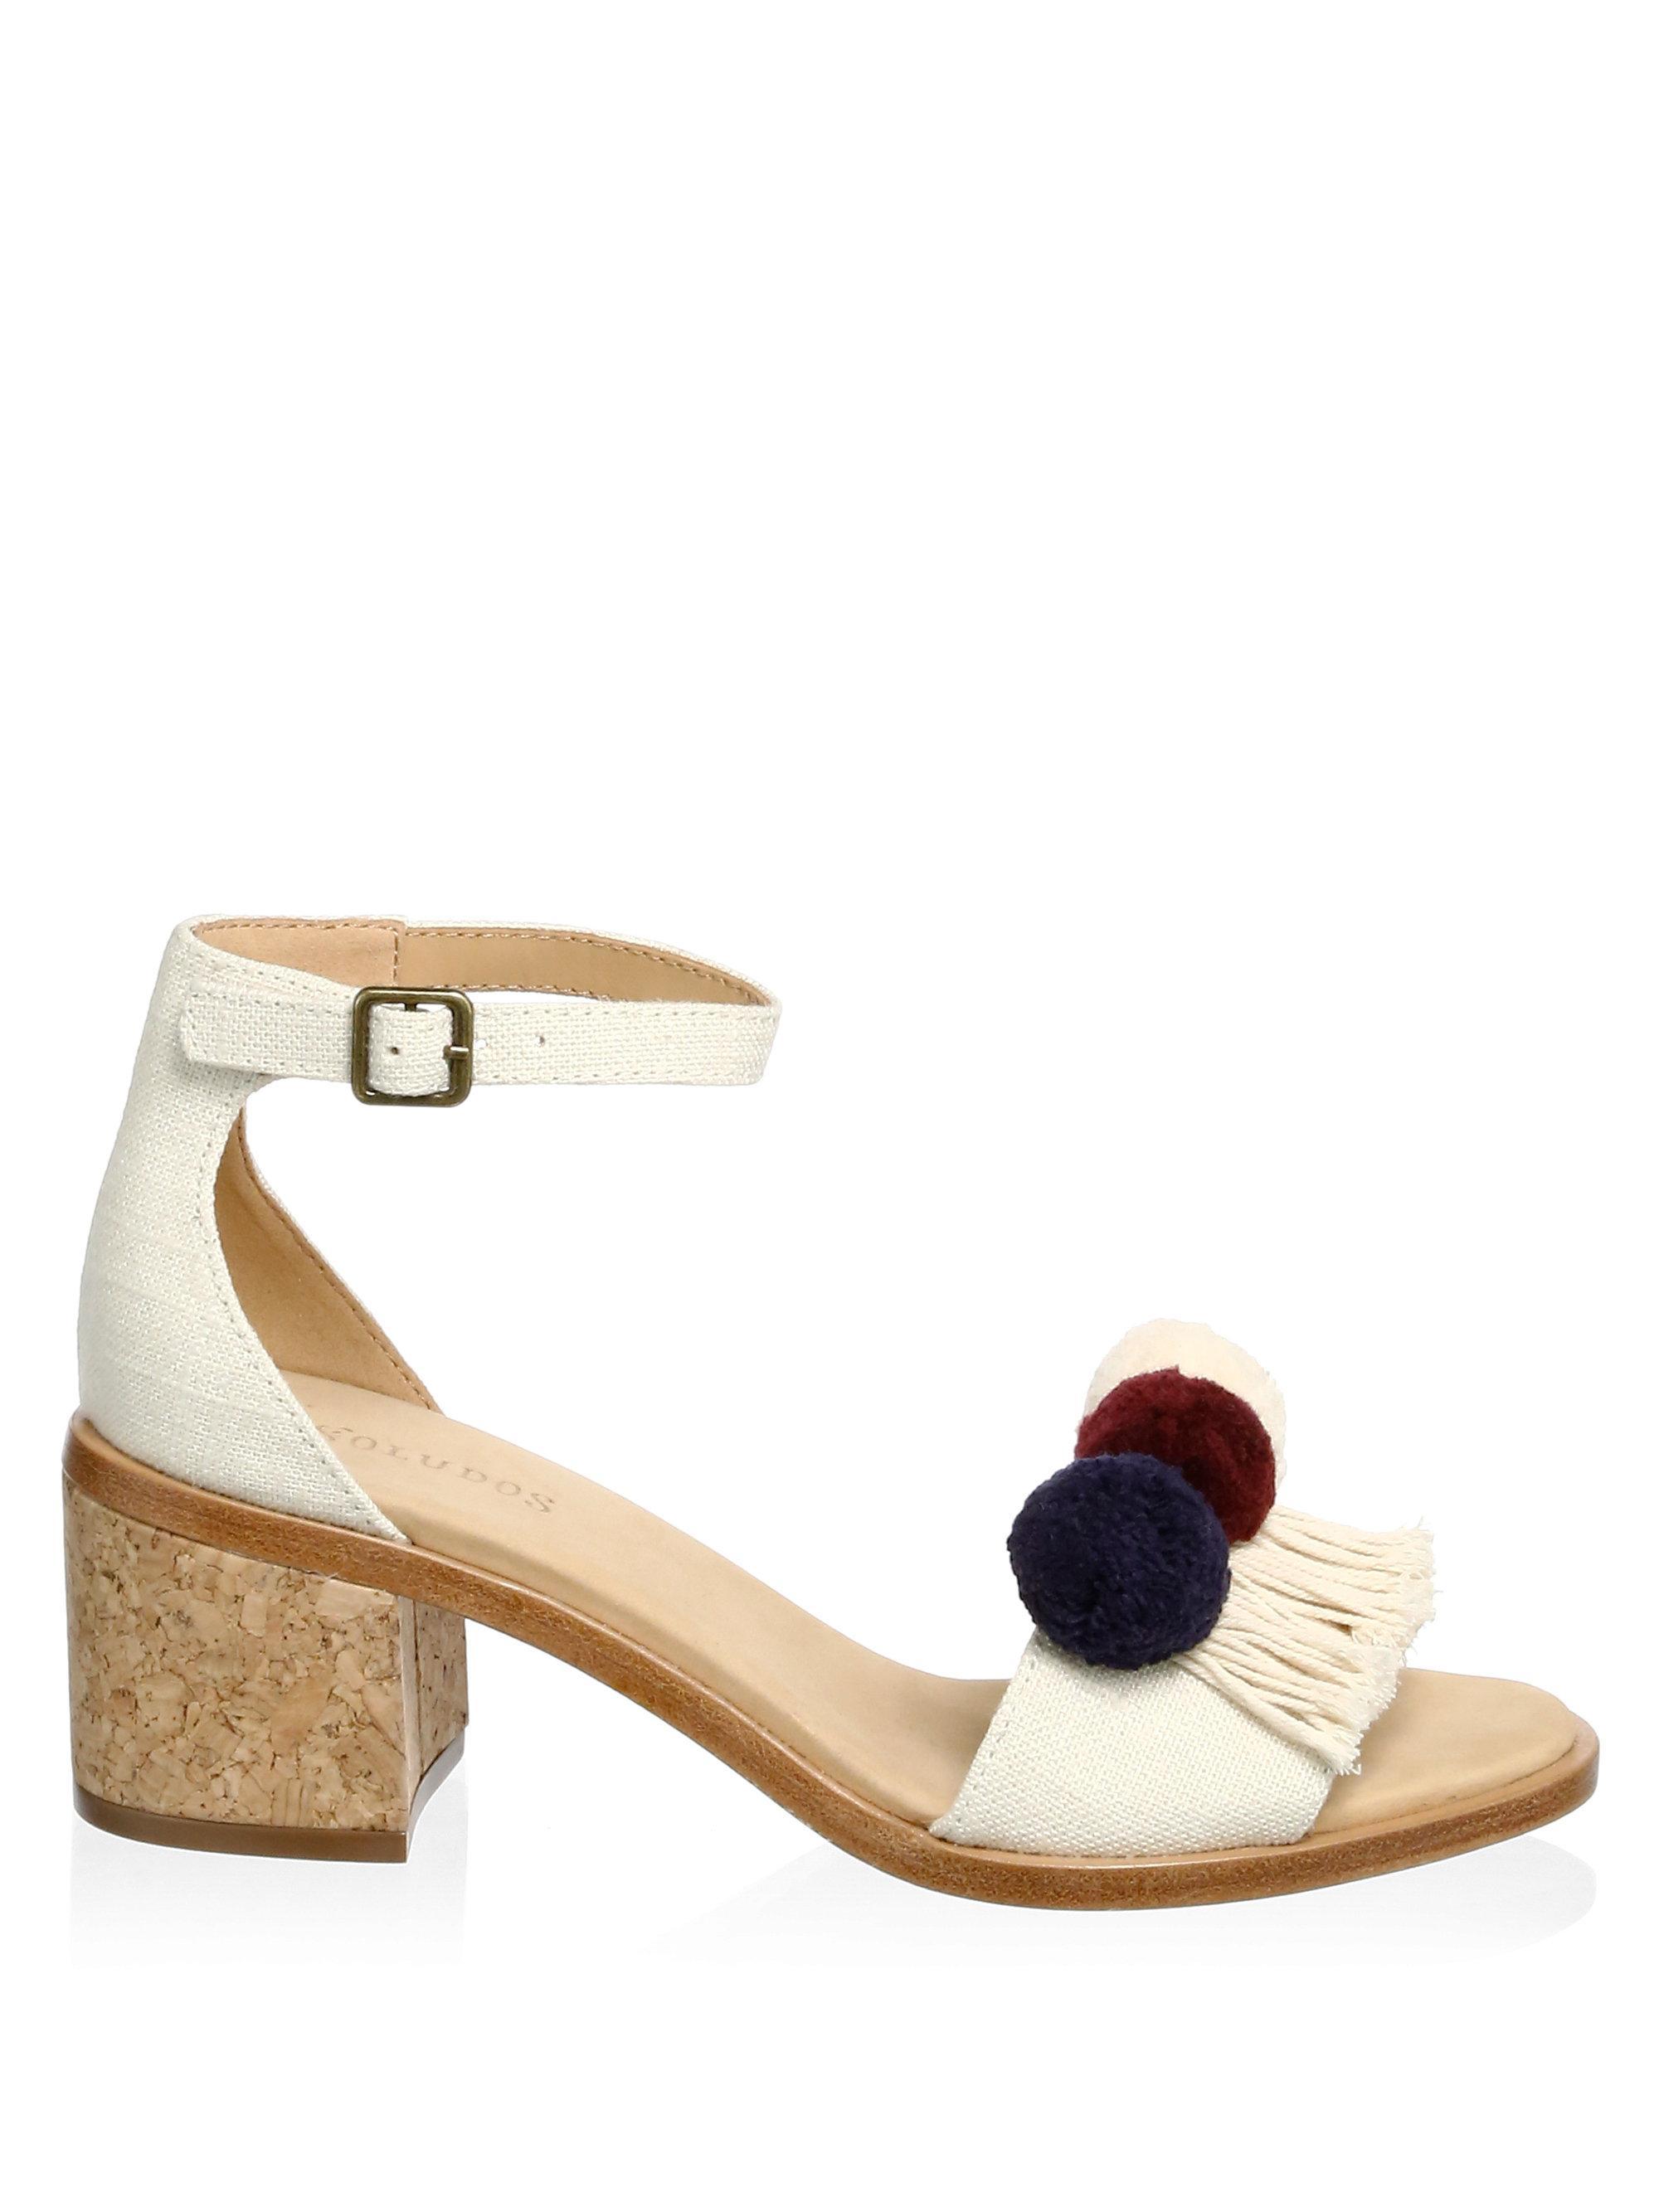 Soludos Pom-Poms Block Heel Sandals waZm9J2ni